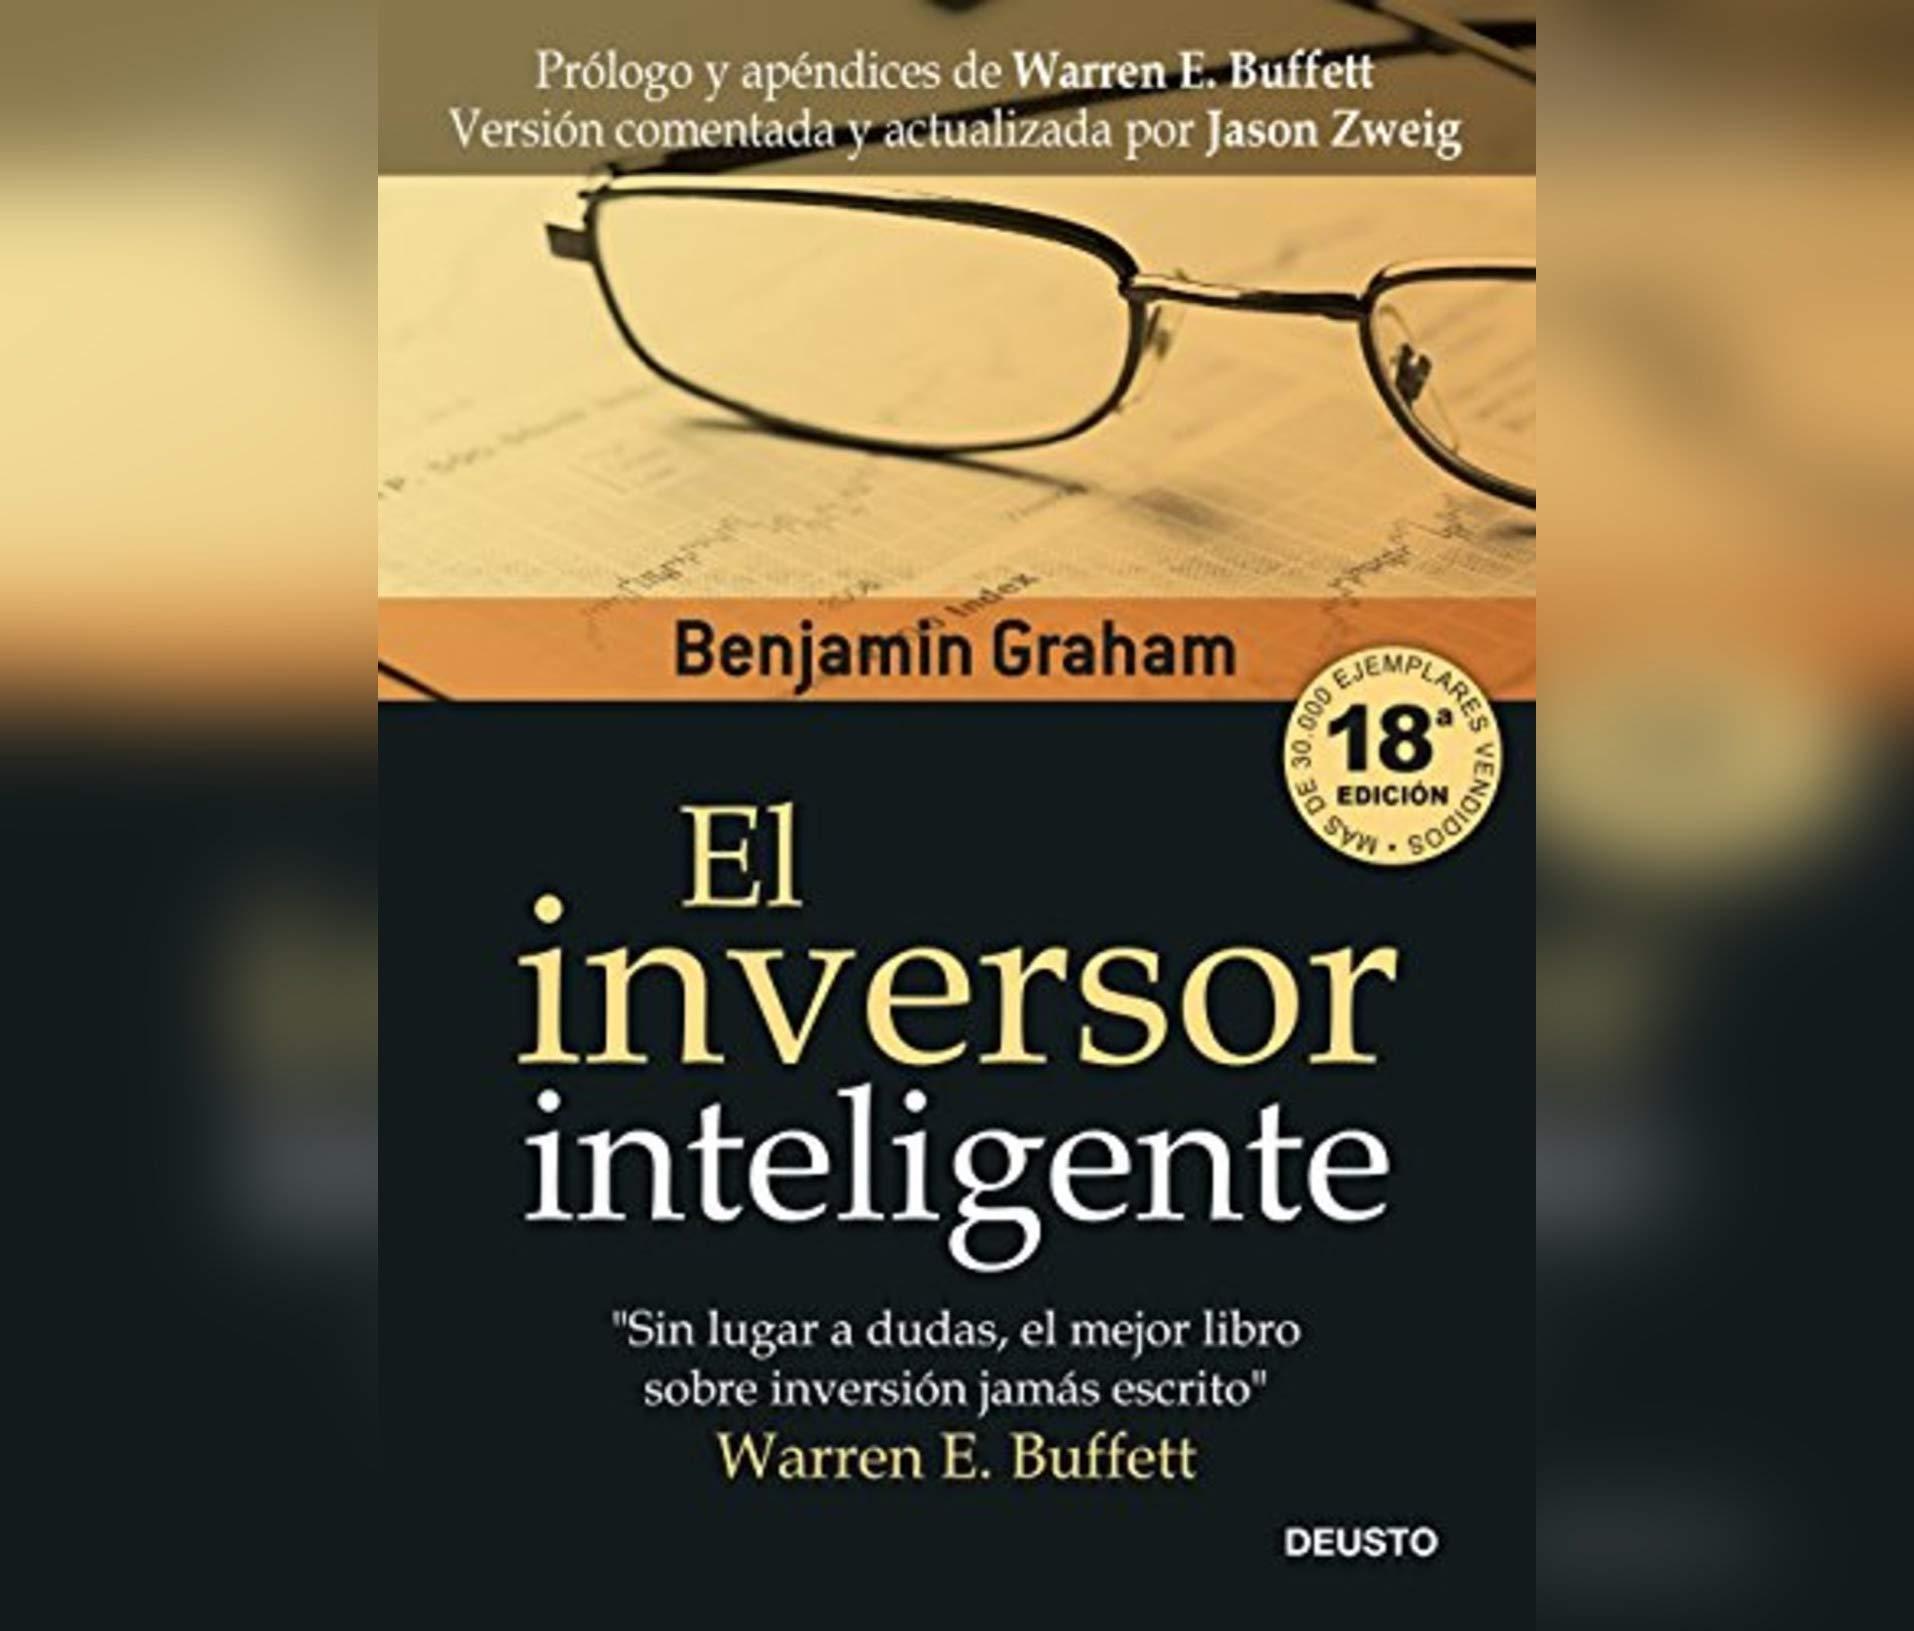 El inversor inteligente/ The Intelligent Investor: Amazon.es: Benjamin  Graham, Juan Manuel Acuña Rodriguez: Libros